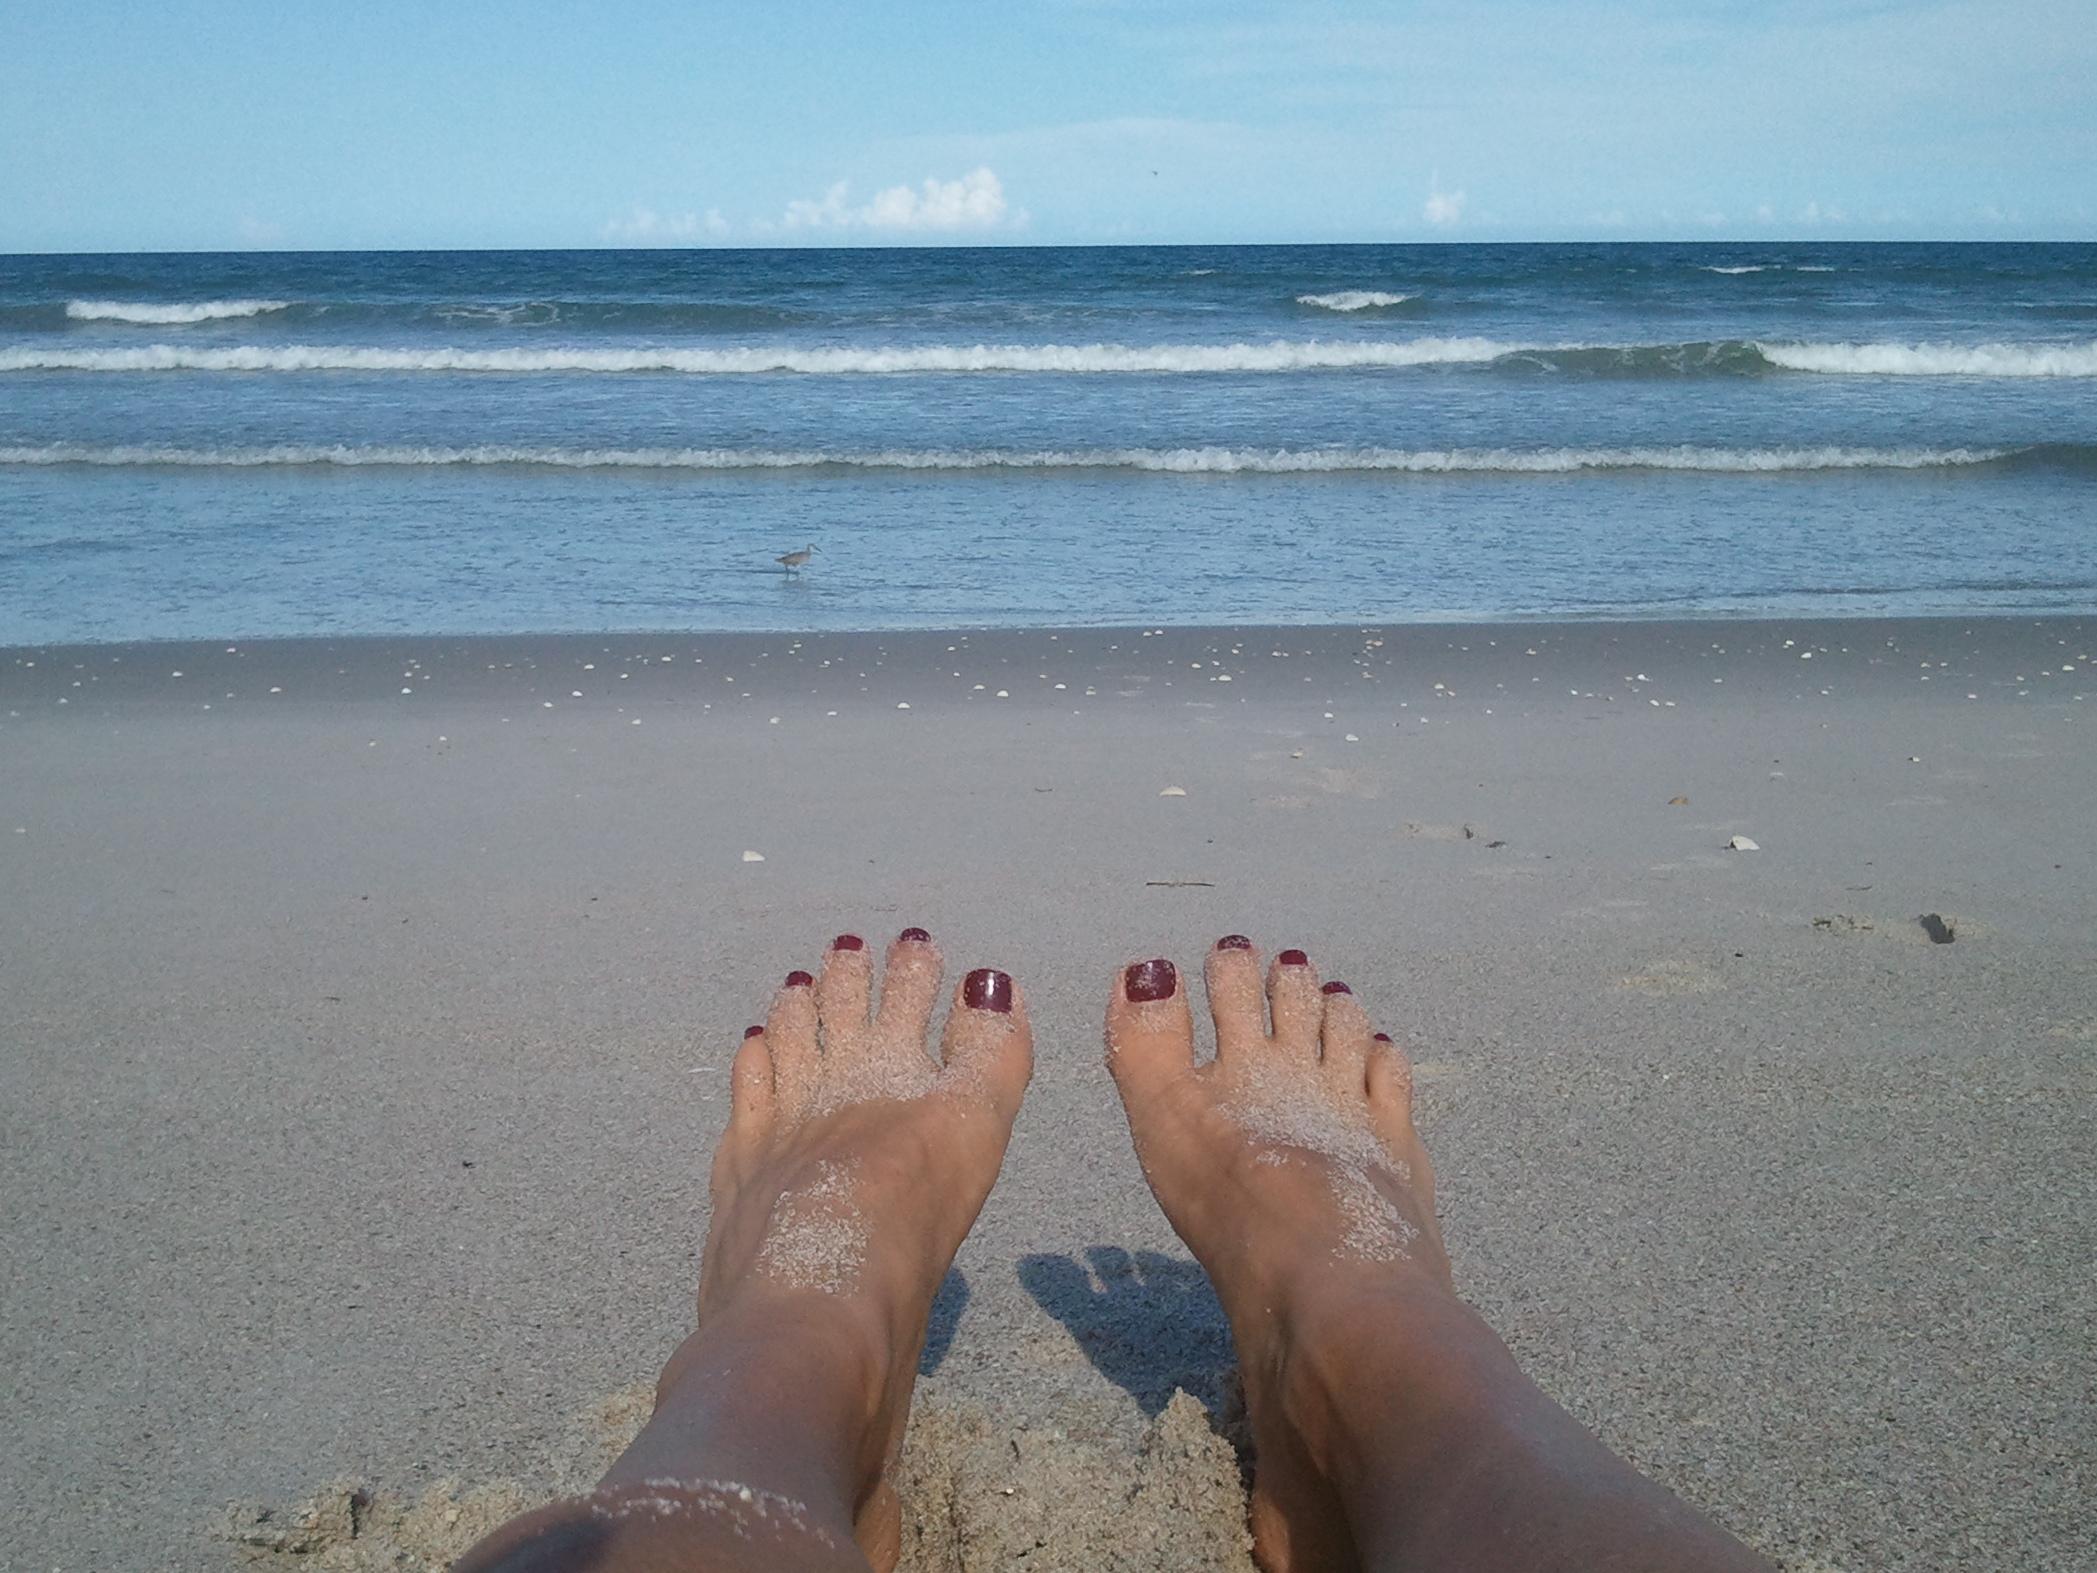 Personals in melbourne beach fl